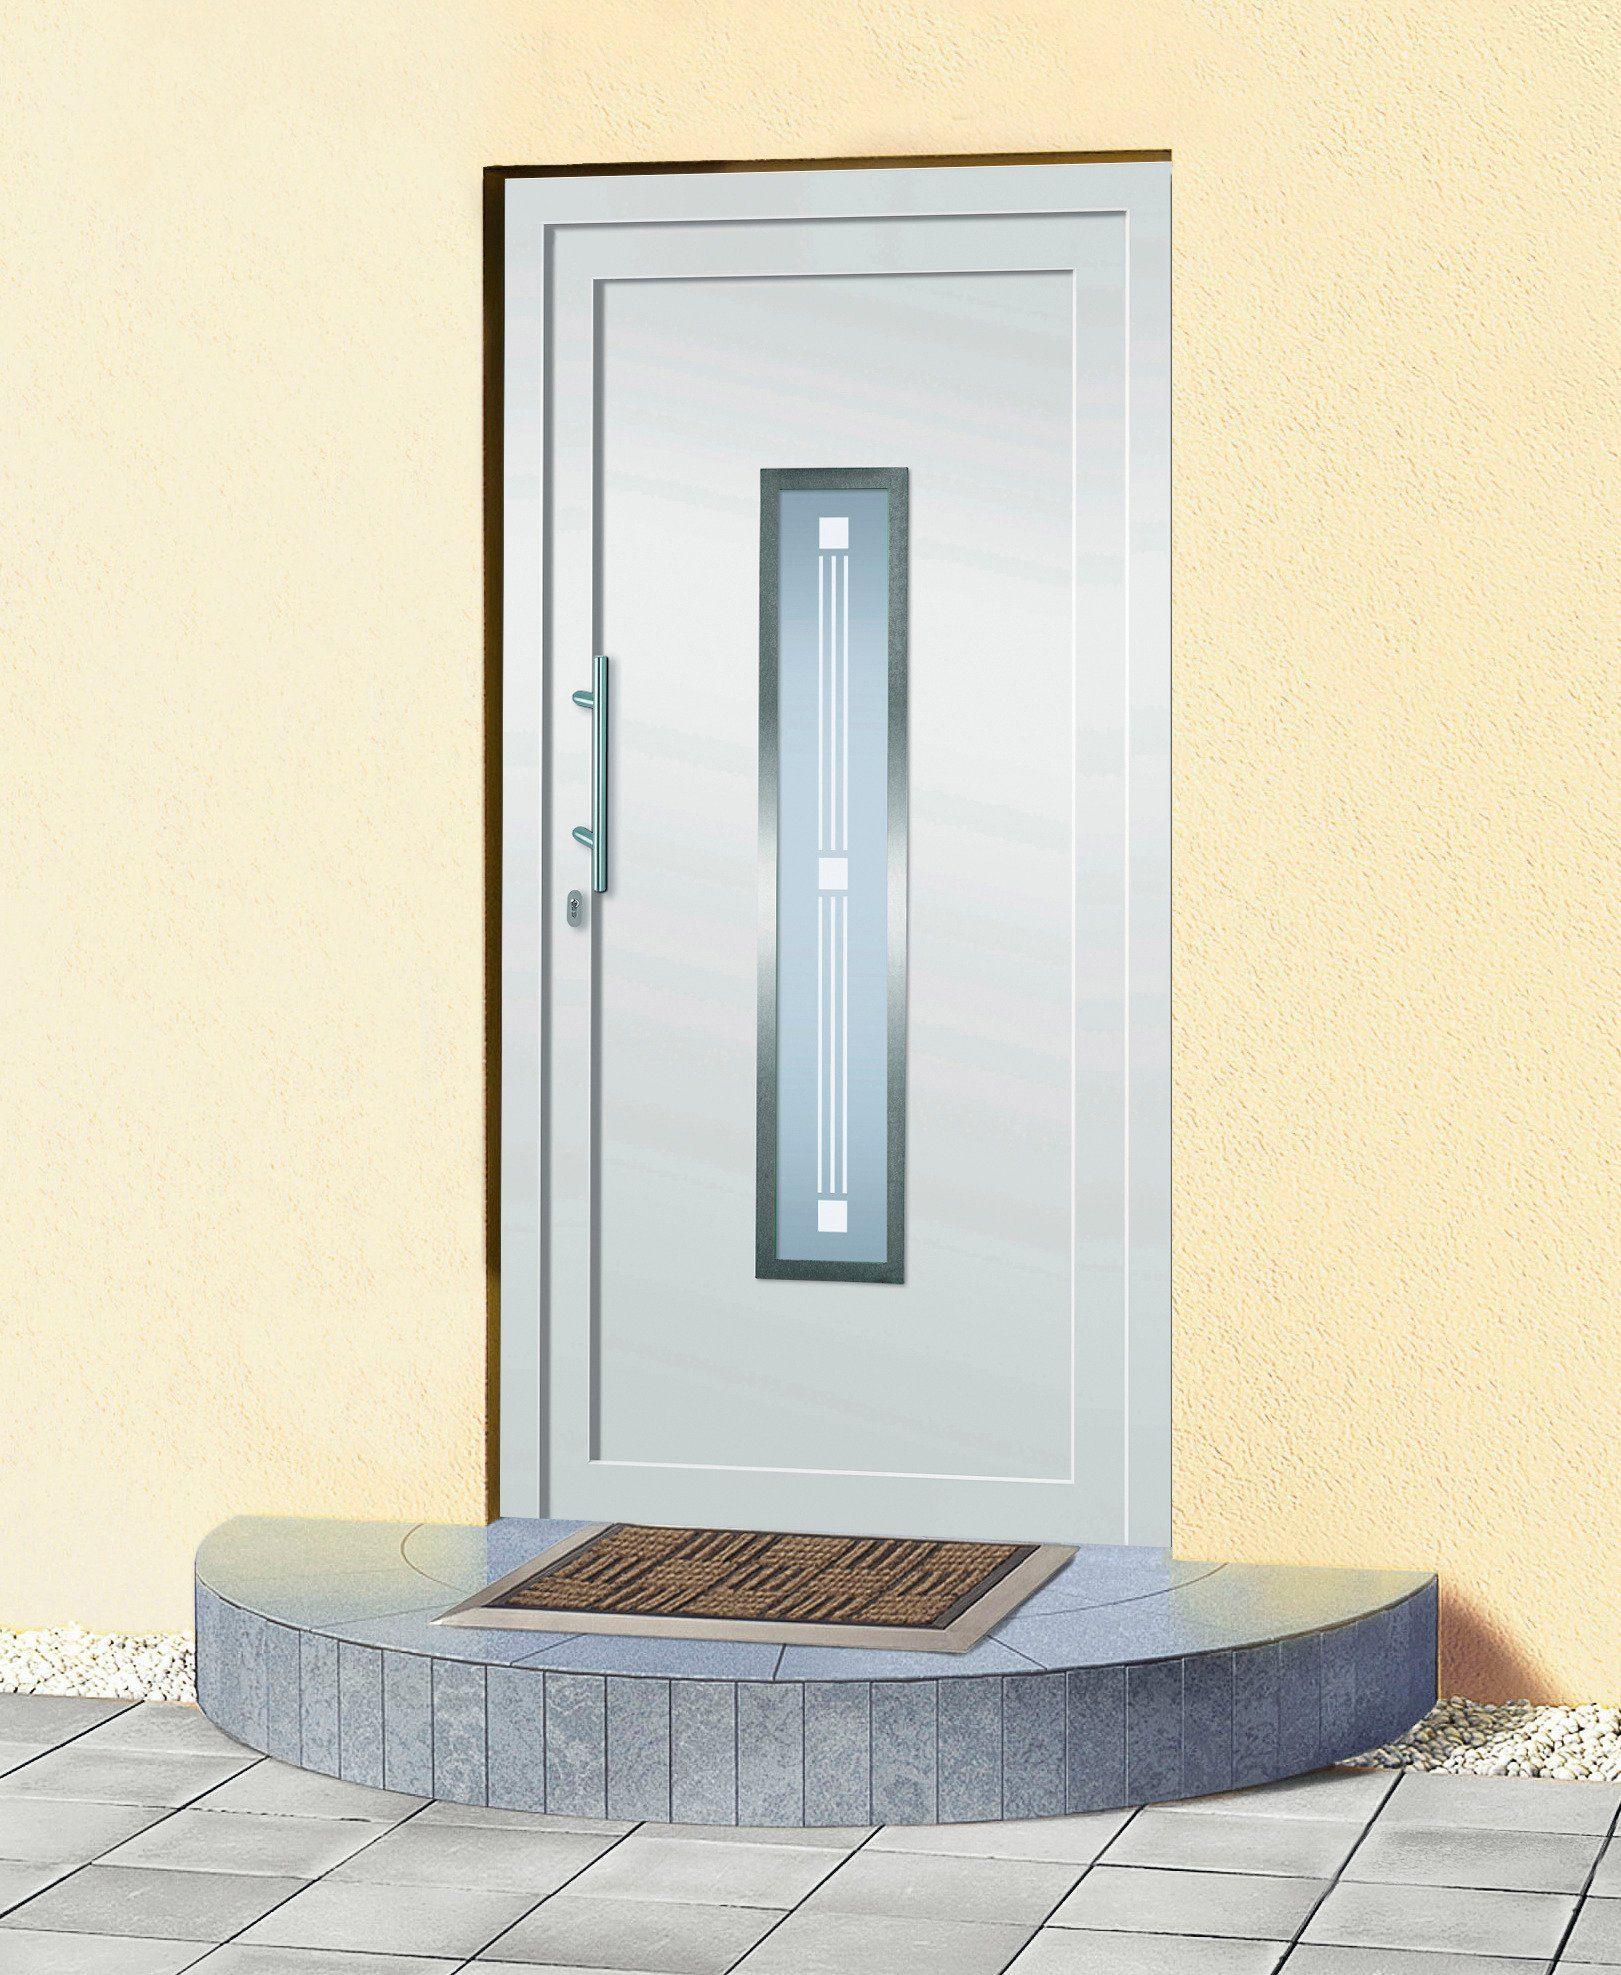 Roro Kunststoff-Haustür »A905« BxH: 100 x 210 cm, weiß